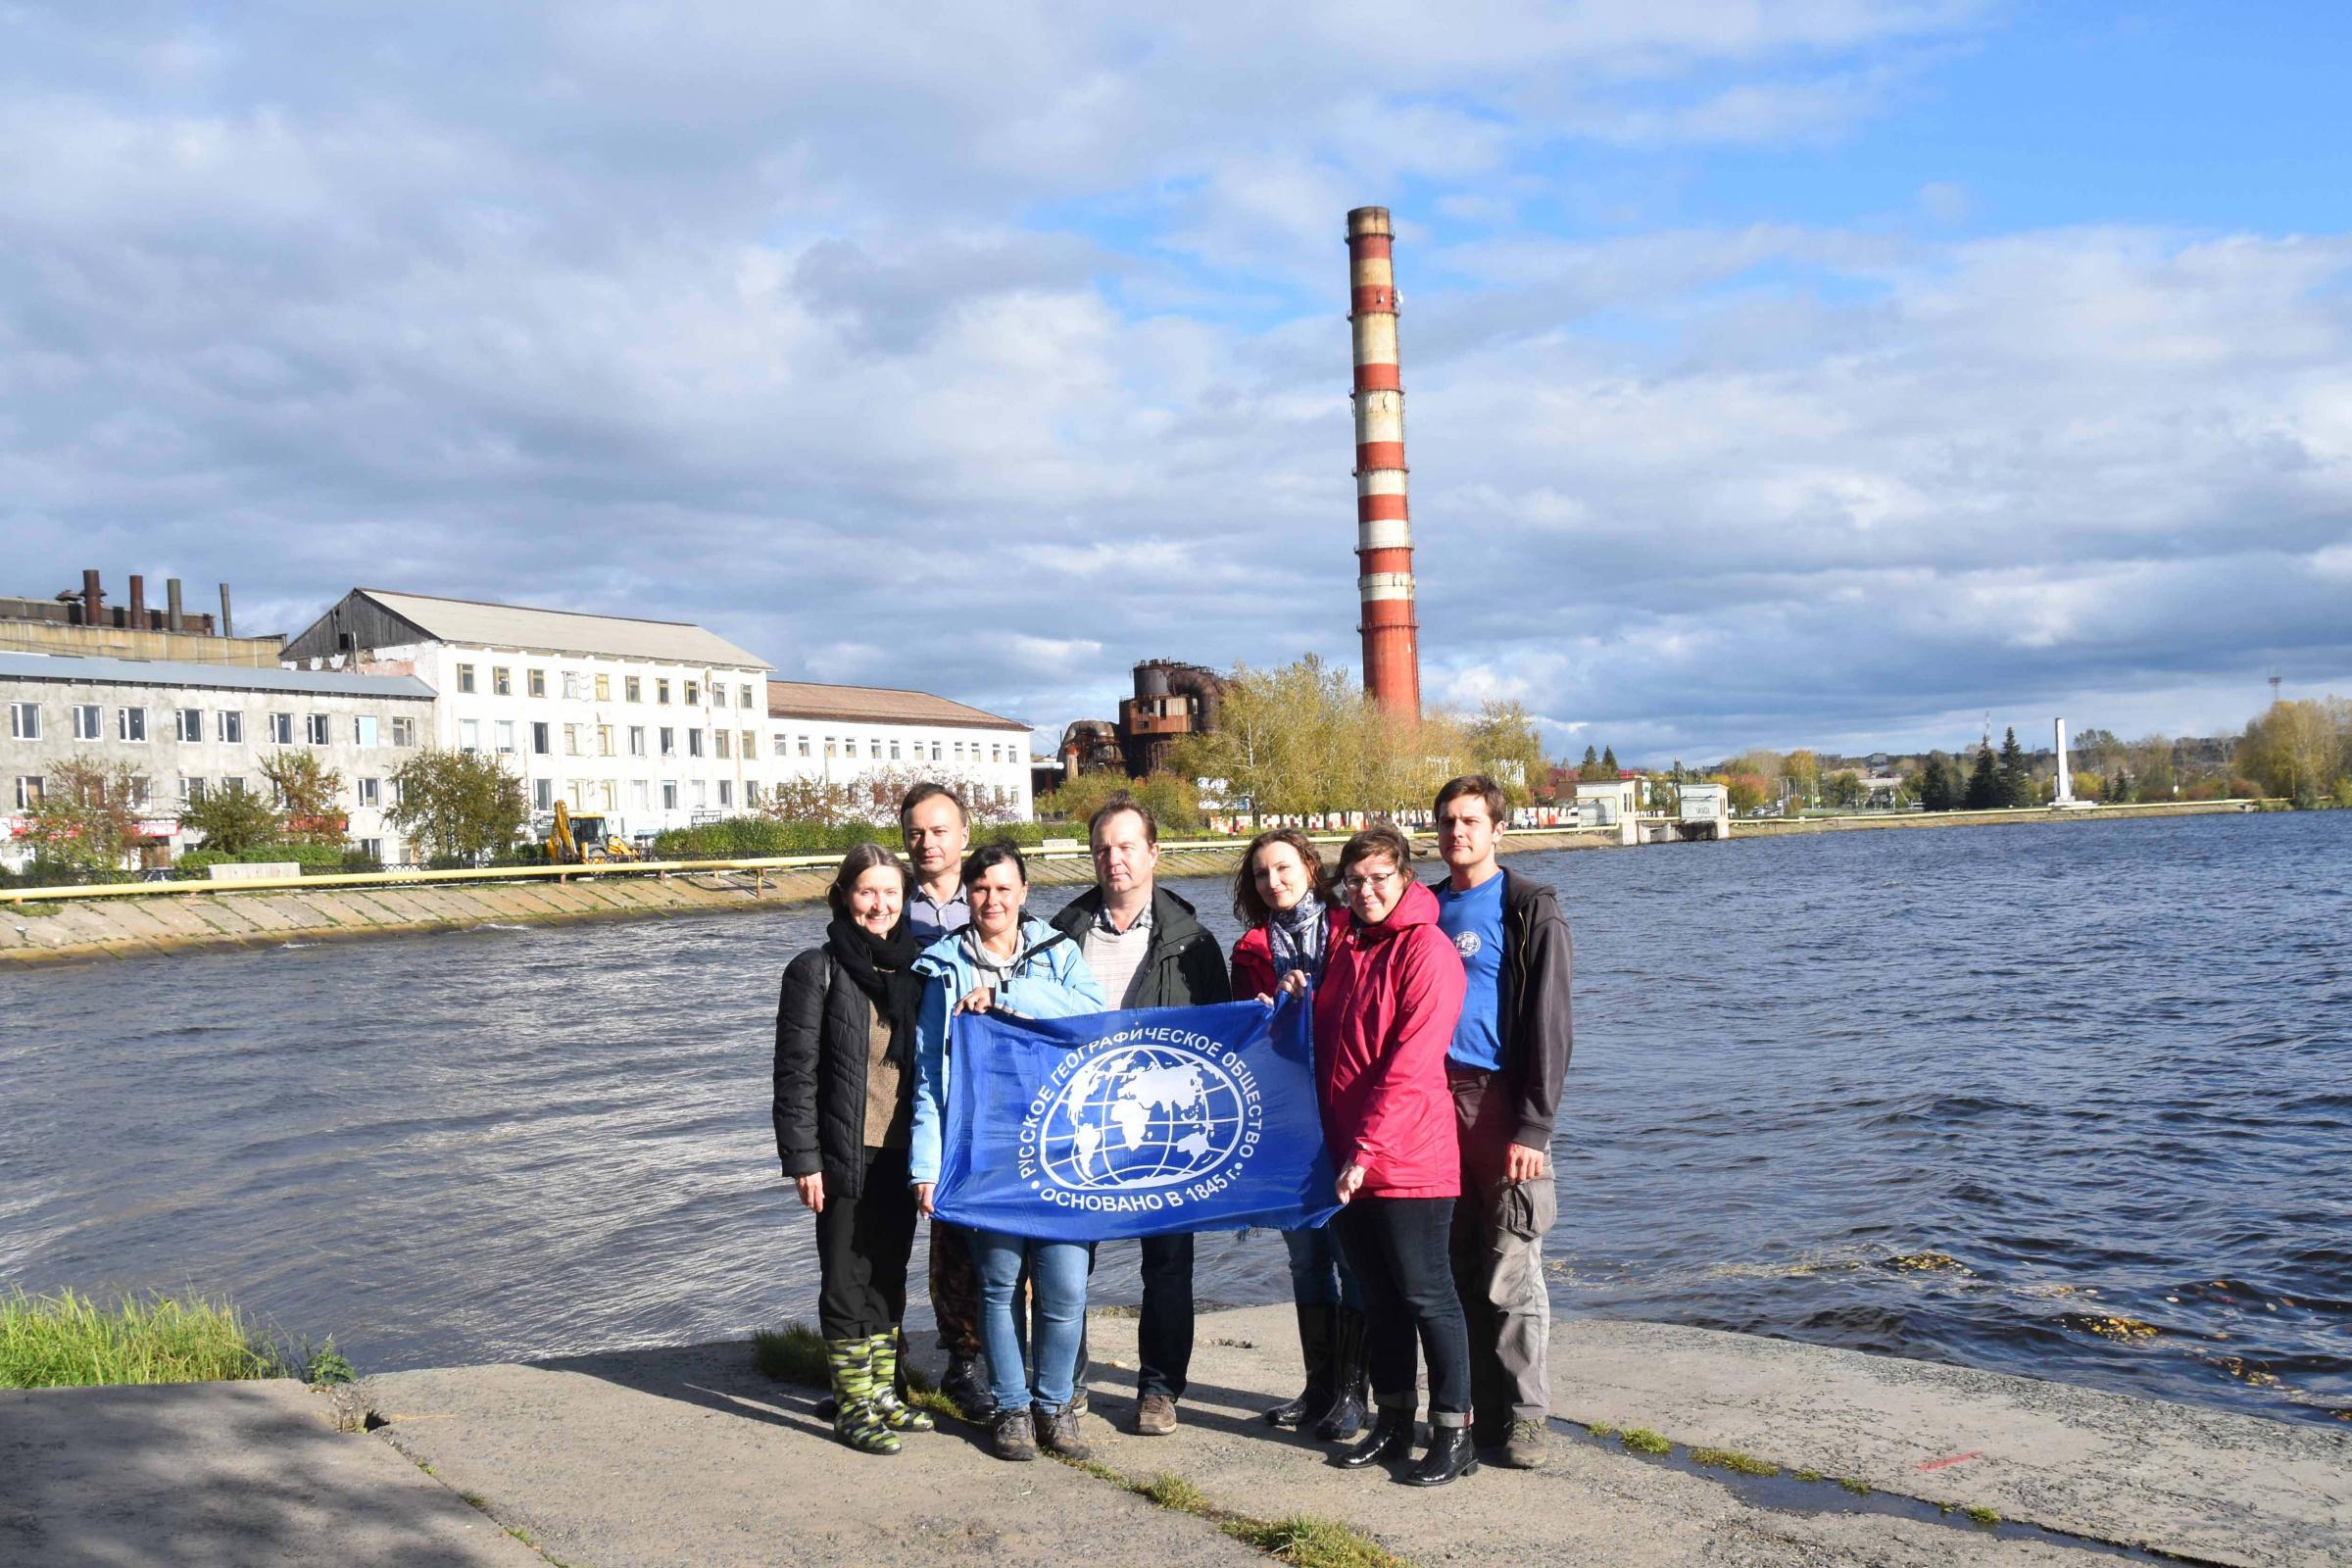 Участники экспедиции на фоне Режевского завода